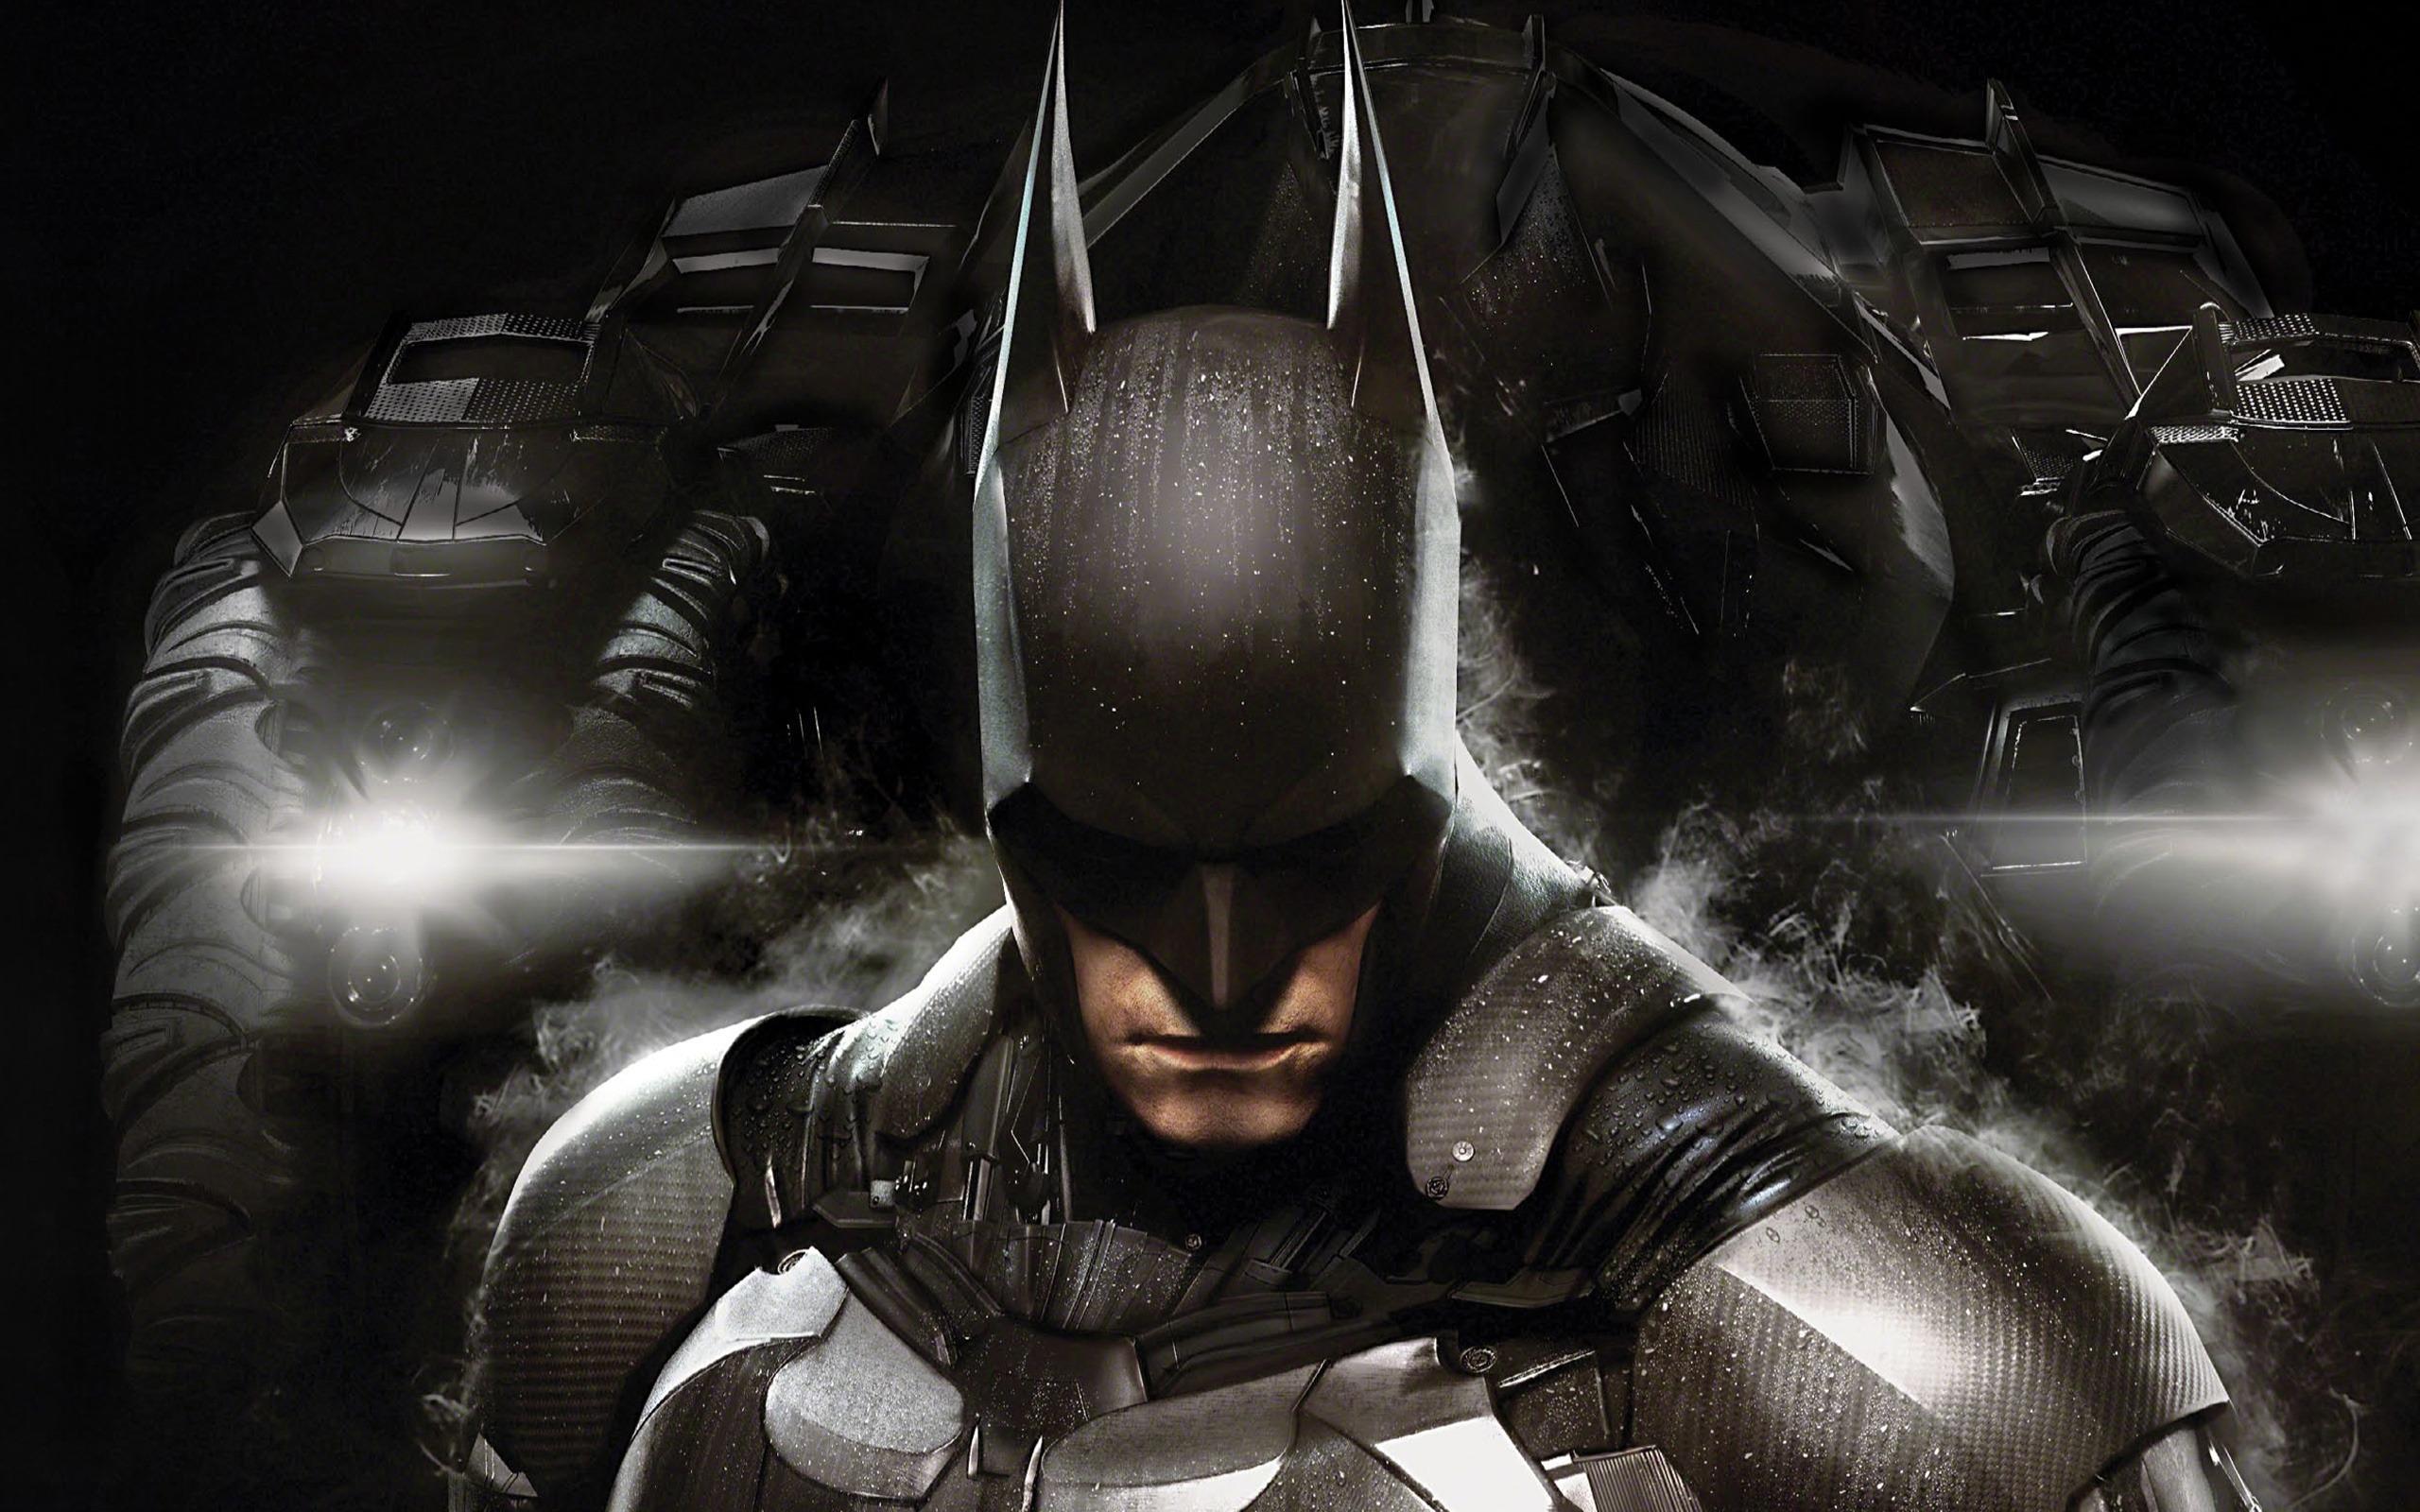 阿兰_蝙蝠侠:阿甘骑士(Batman:Arkham Knight)-游戏高清壁纸预览 | 10wallpaper.com